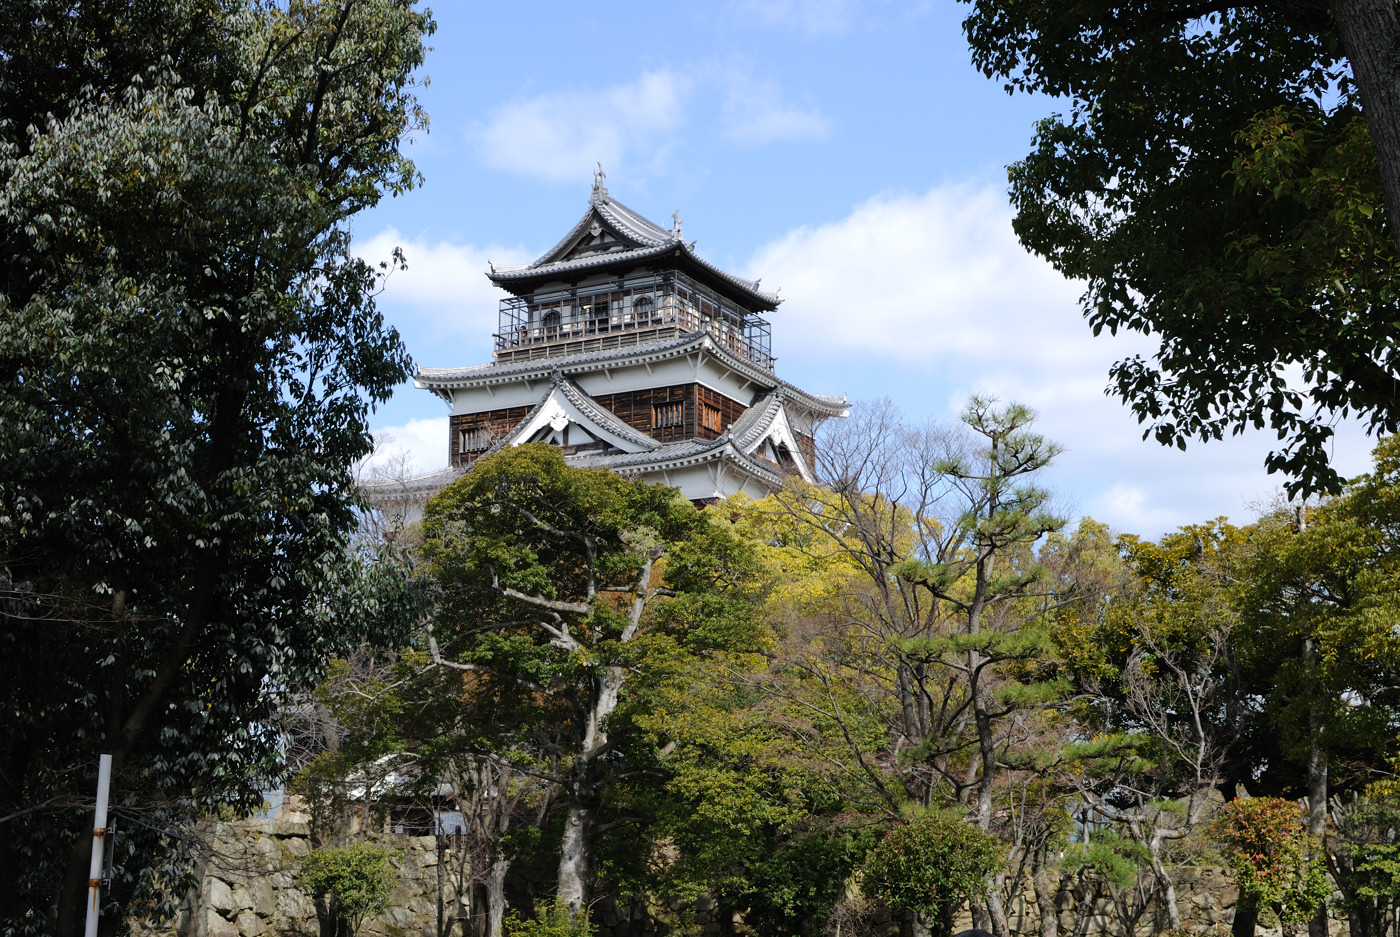 35mm F1.8Gで広島城